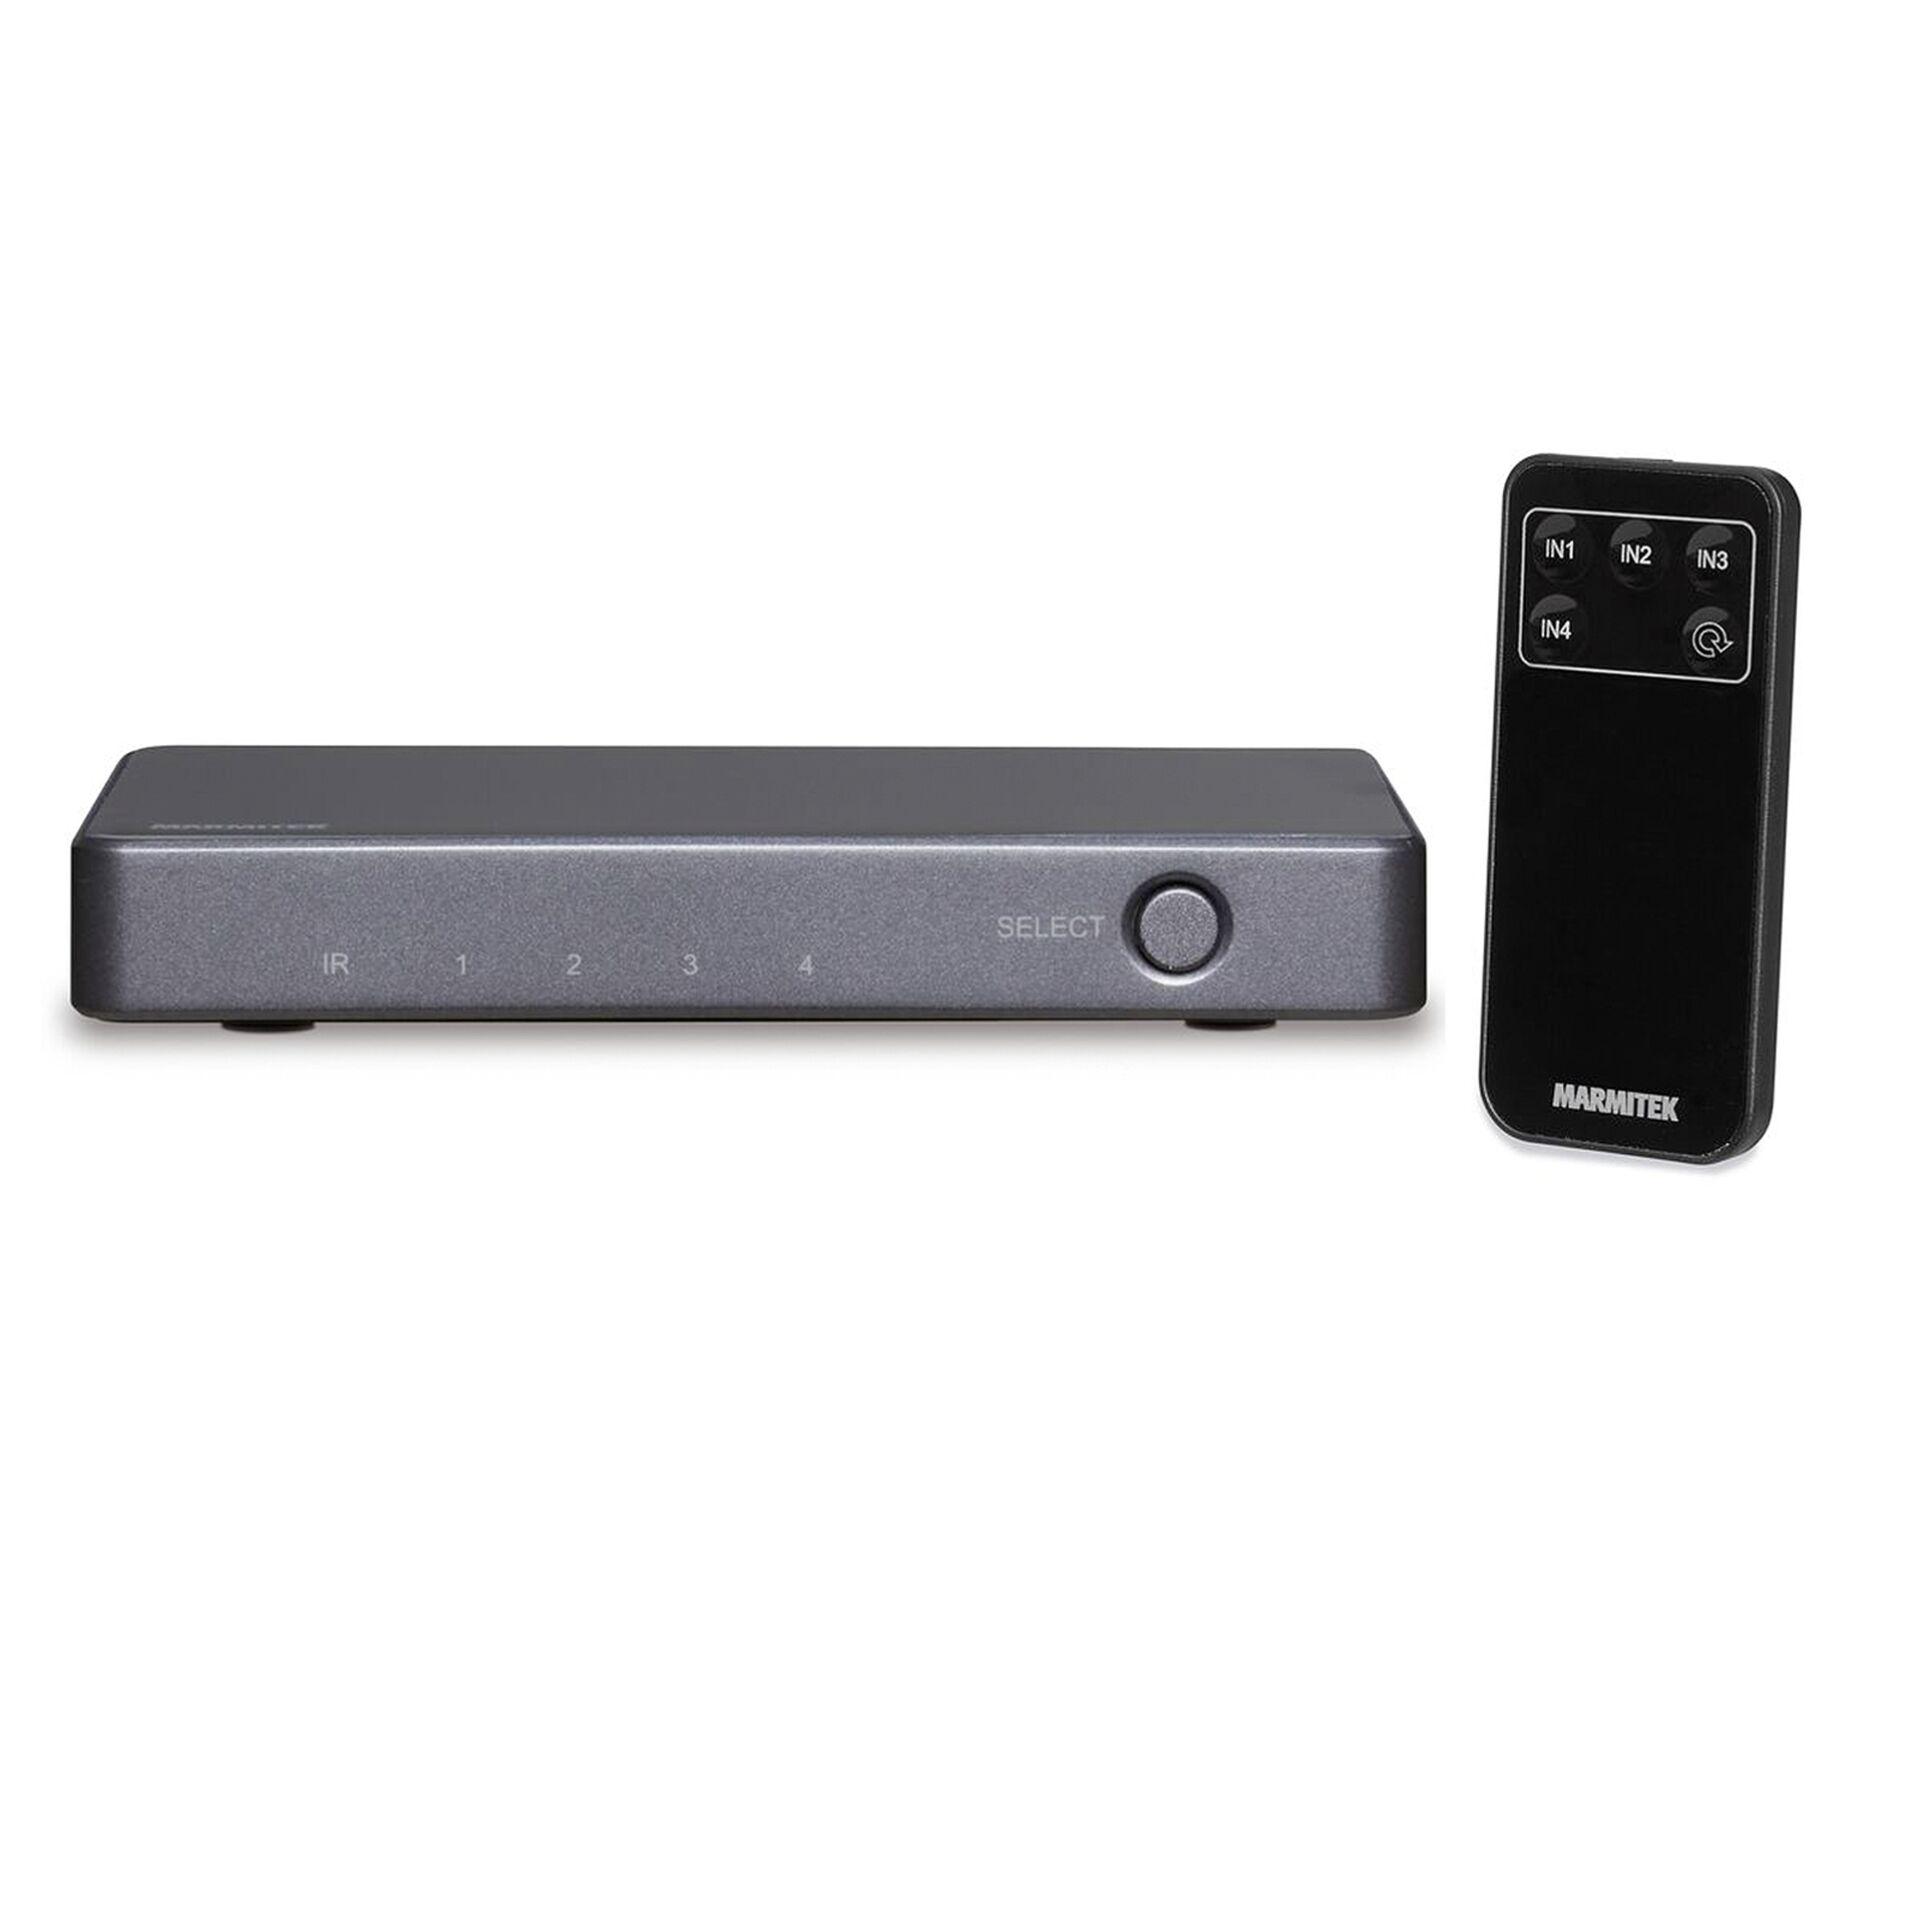 Marmitek HDMI Switch 4K60 Connect 620 UHD 2.0